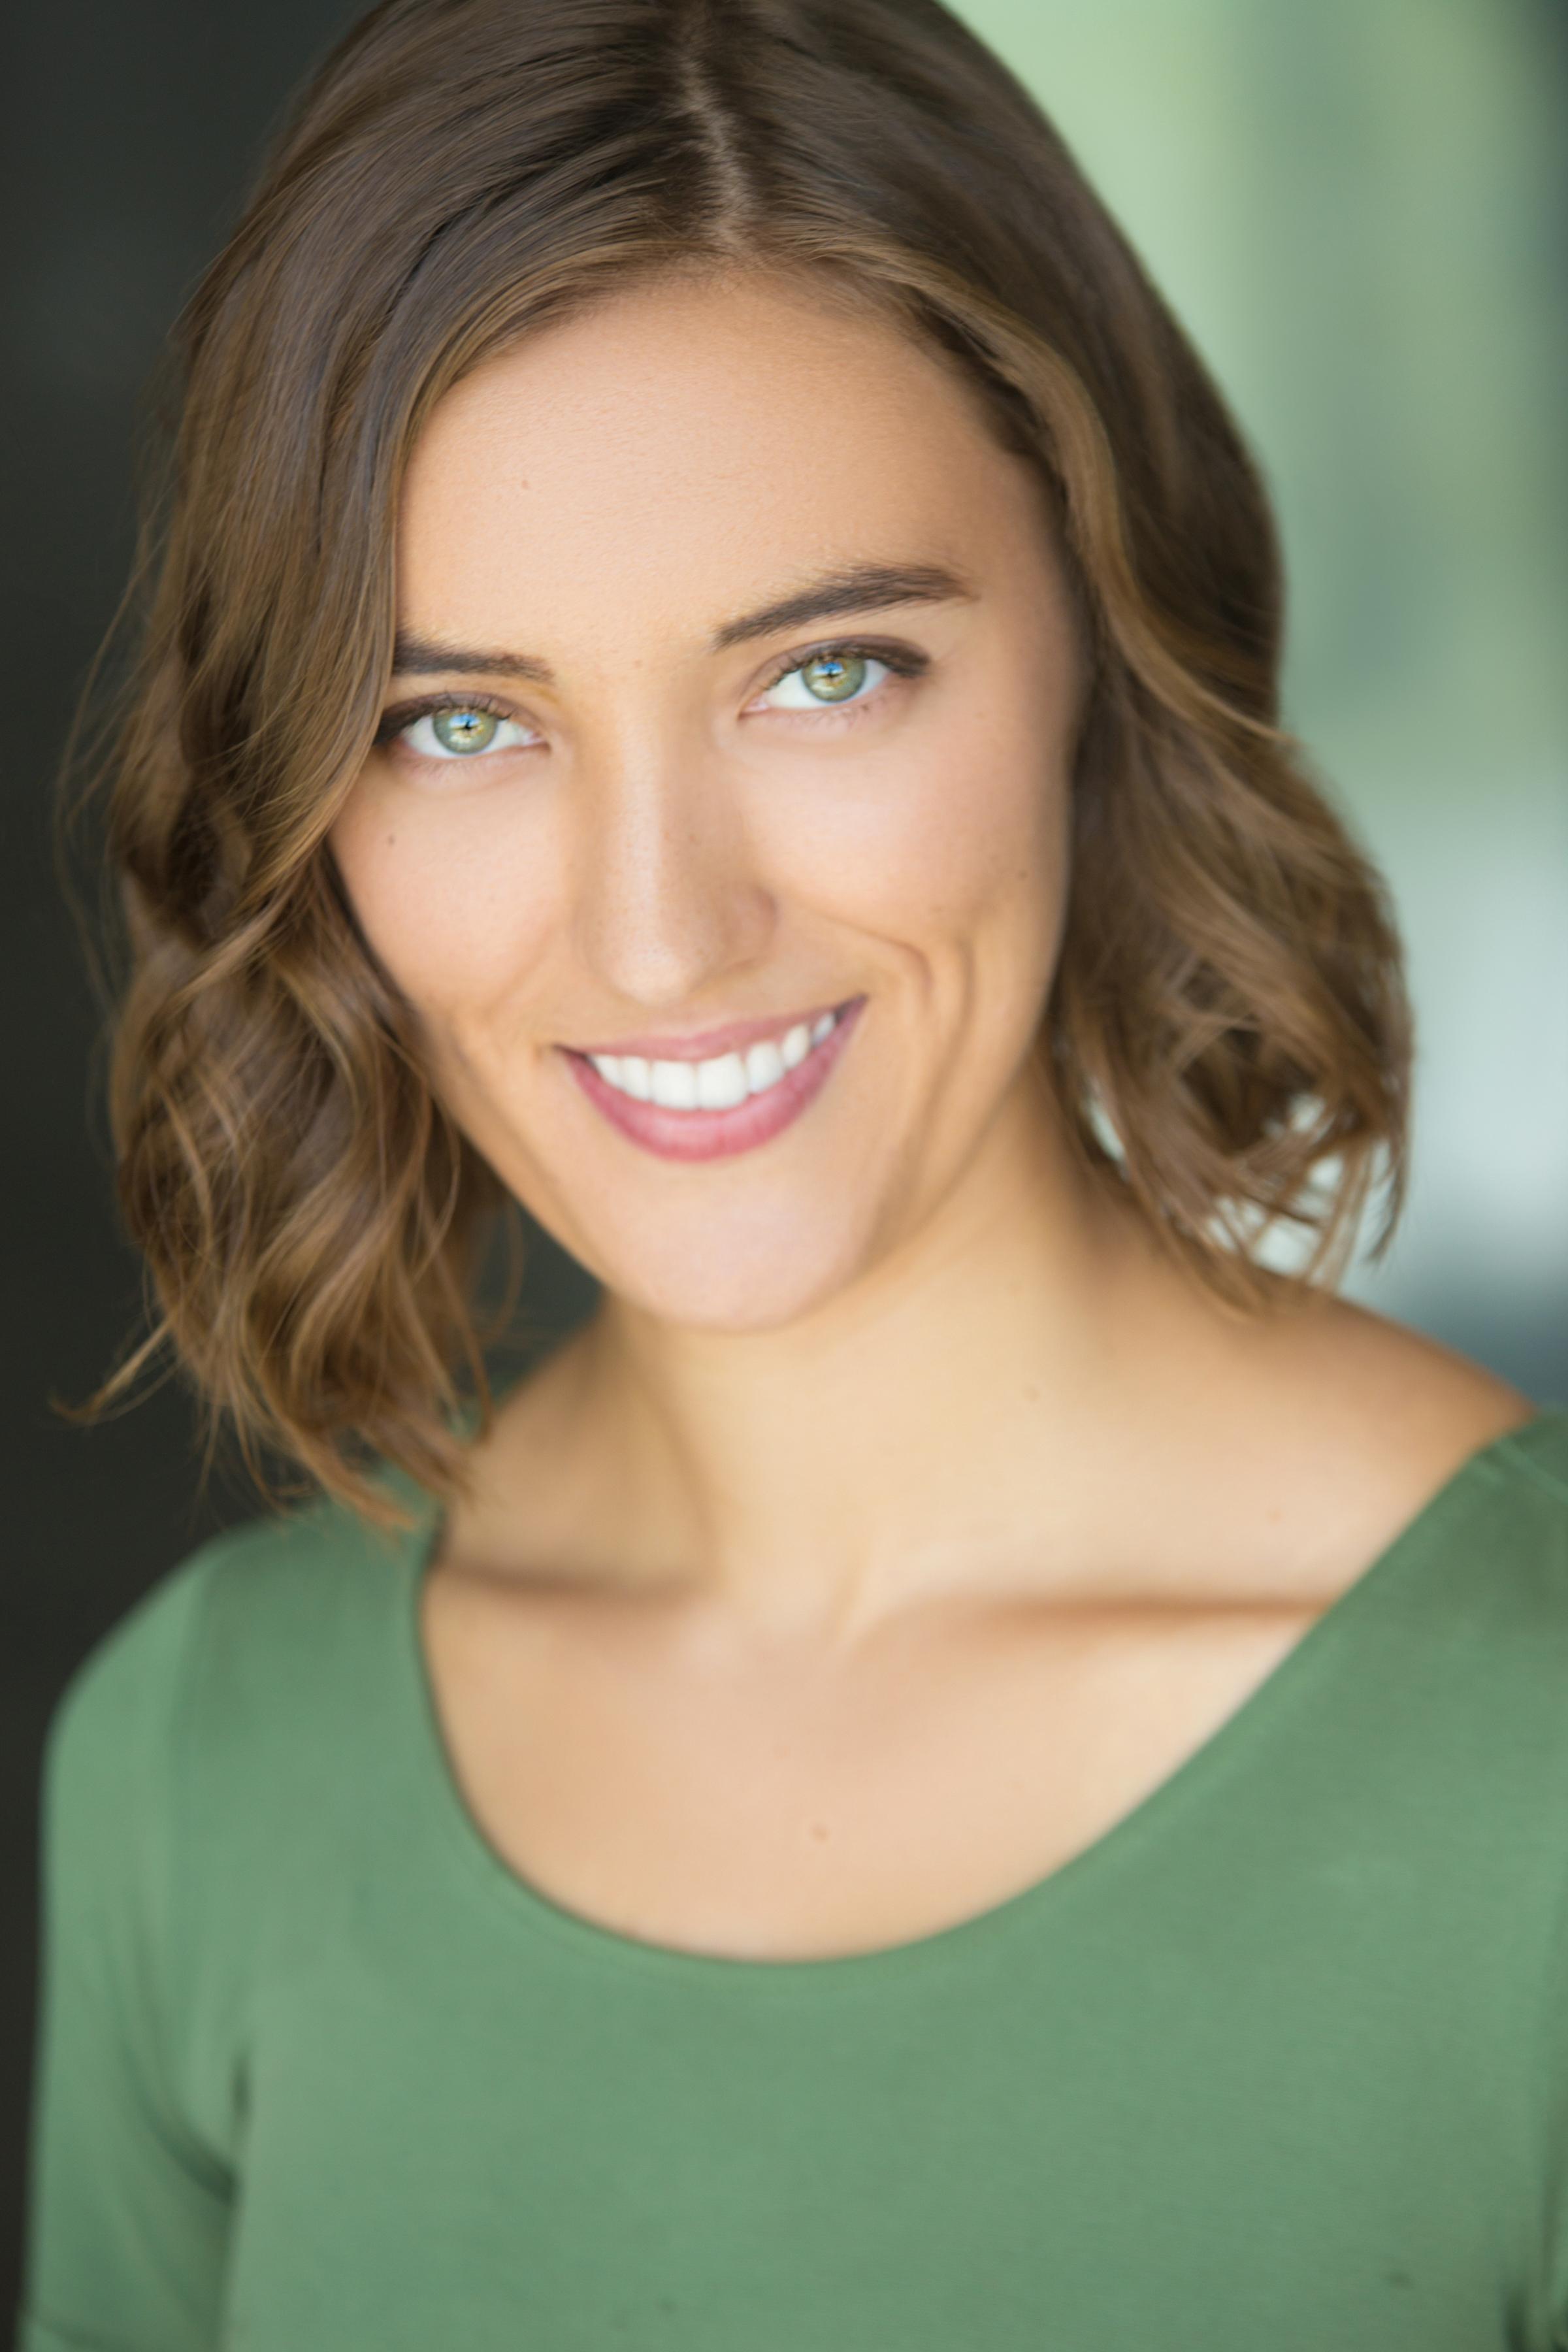 Leah Hollingshead